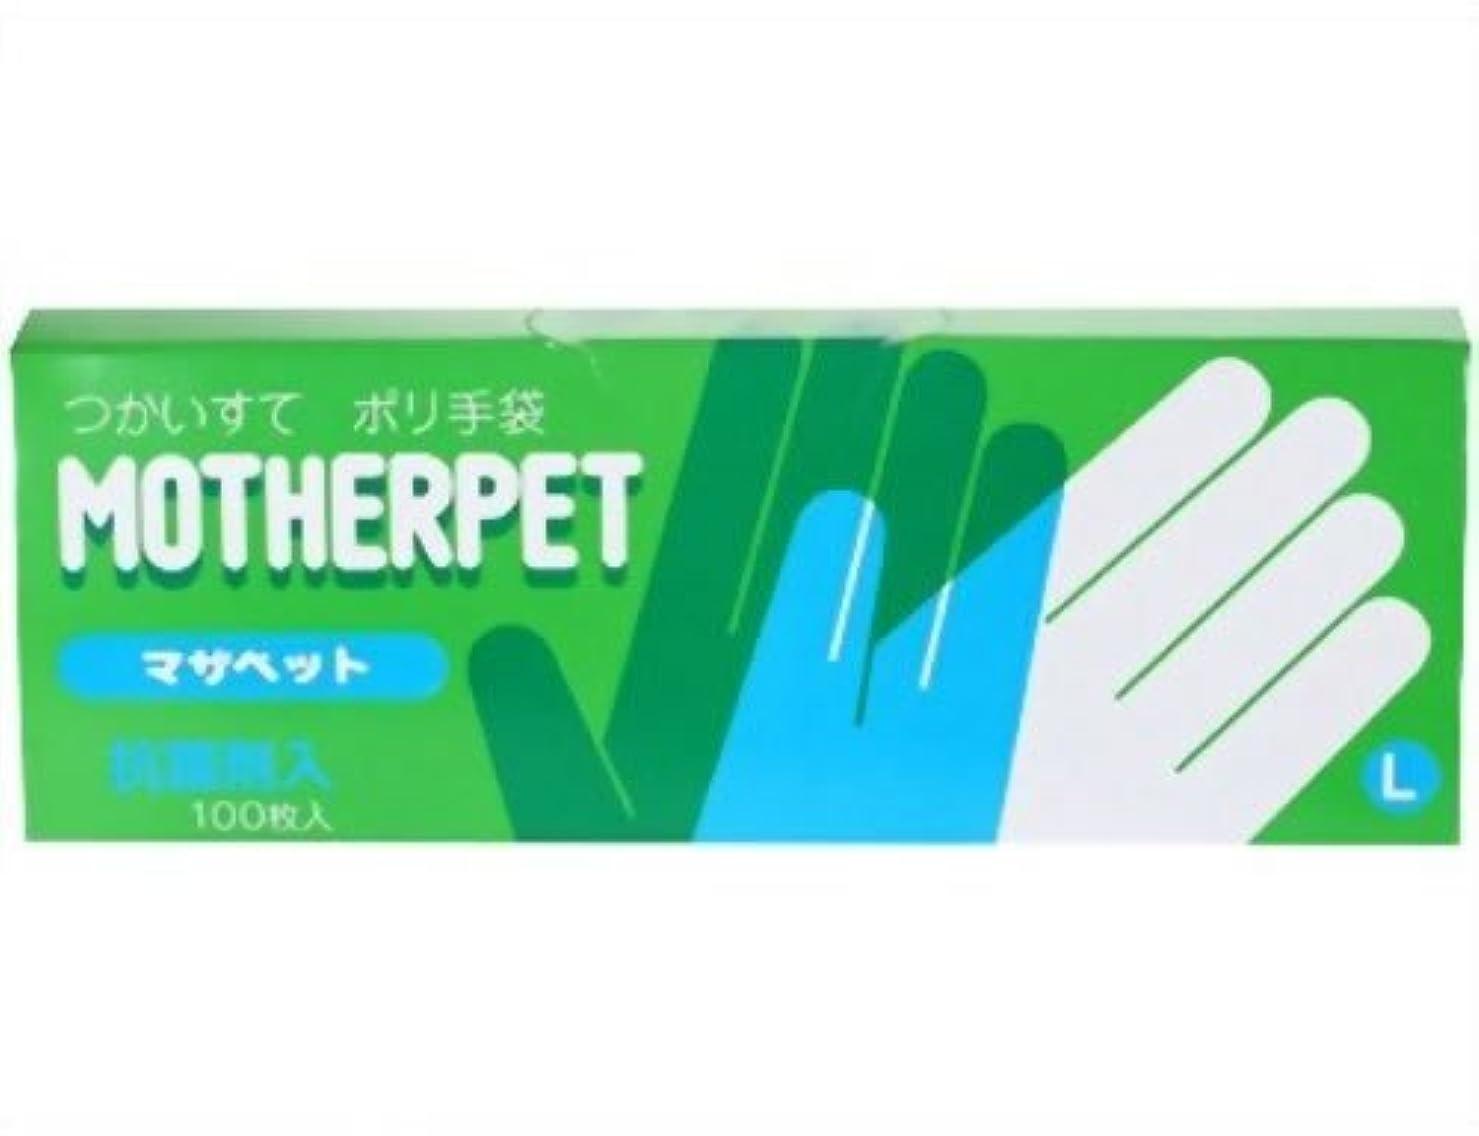 ペパーミントと実現可能性宇都宮製作 マザペット ポリ手袋 L 100枚入 × 3個セット